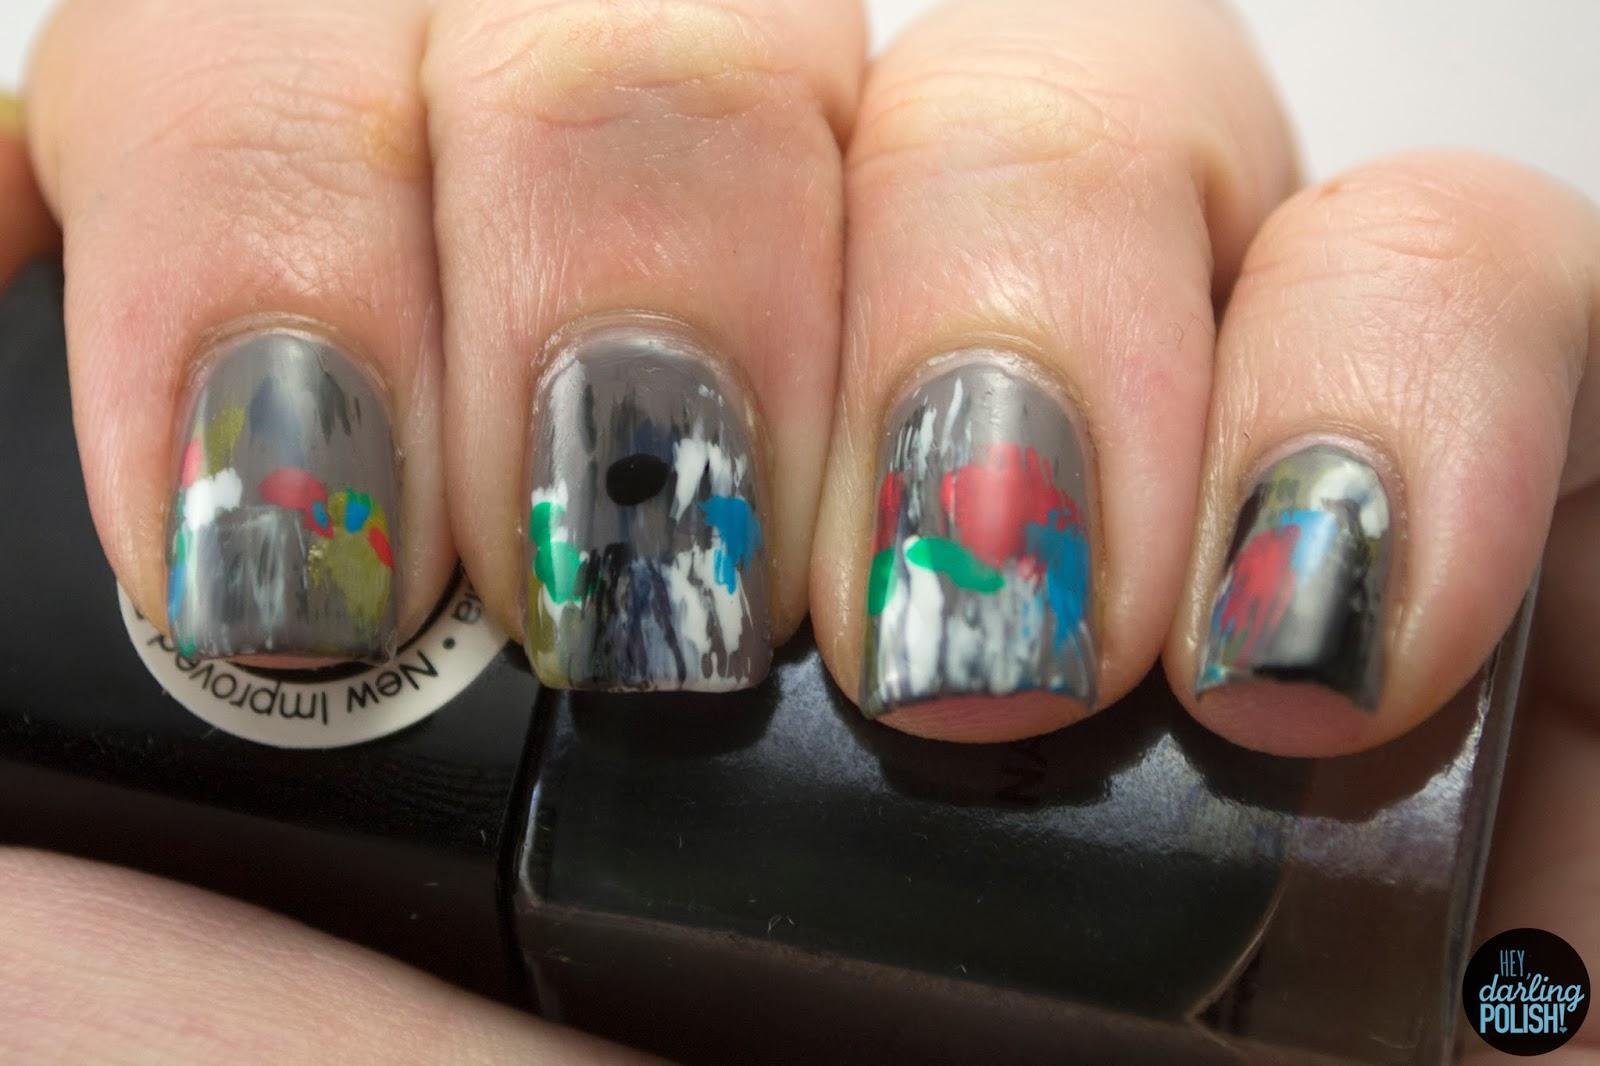 nails, nail art, nail polish, polish, abstract, theme buffet, hey darling polish